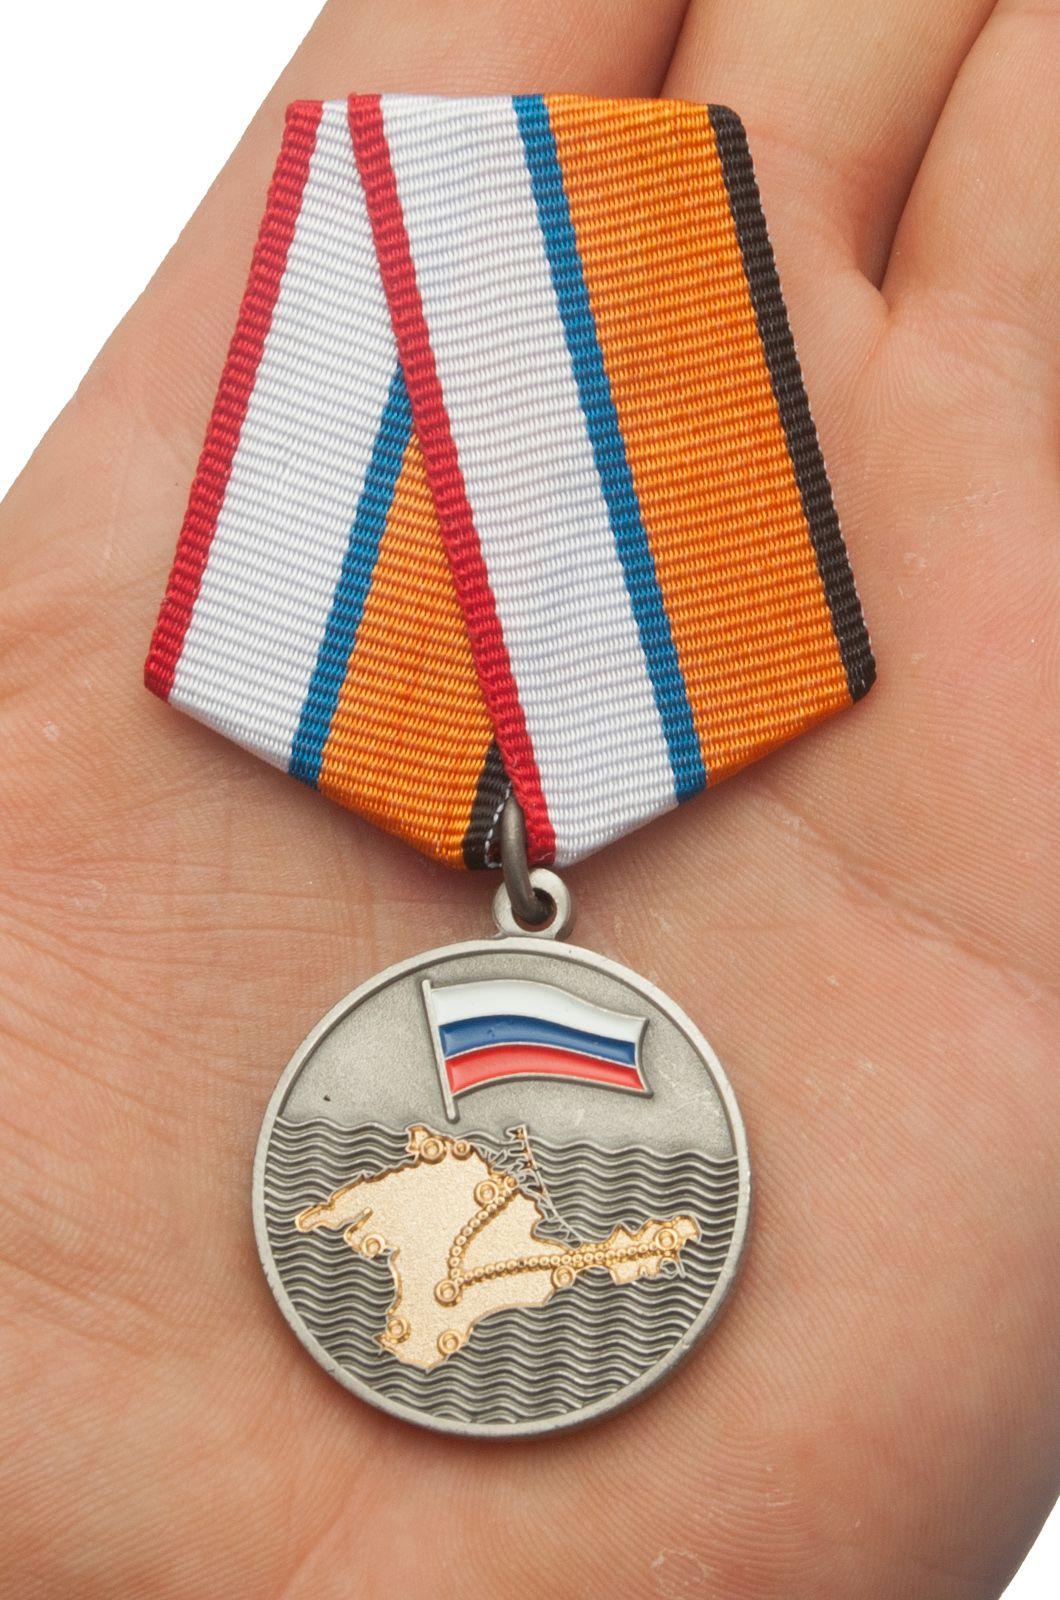 Медаль «За Крымский поход казаков 2014»-общий вид